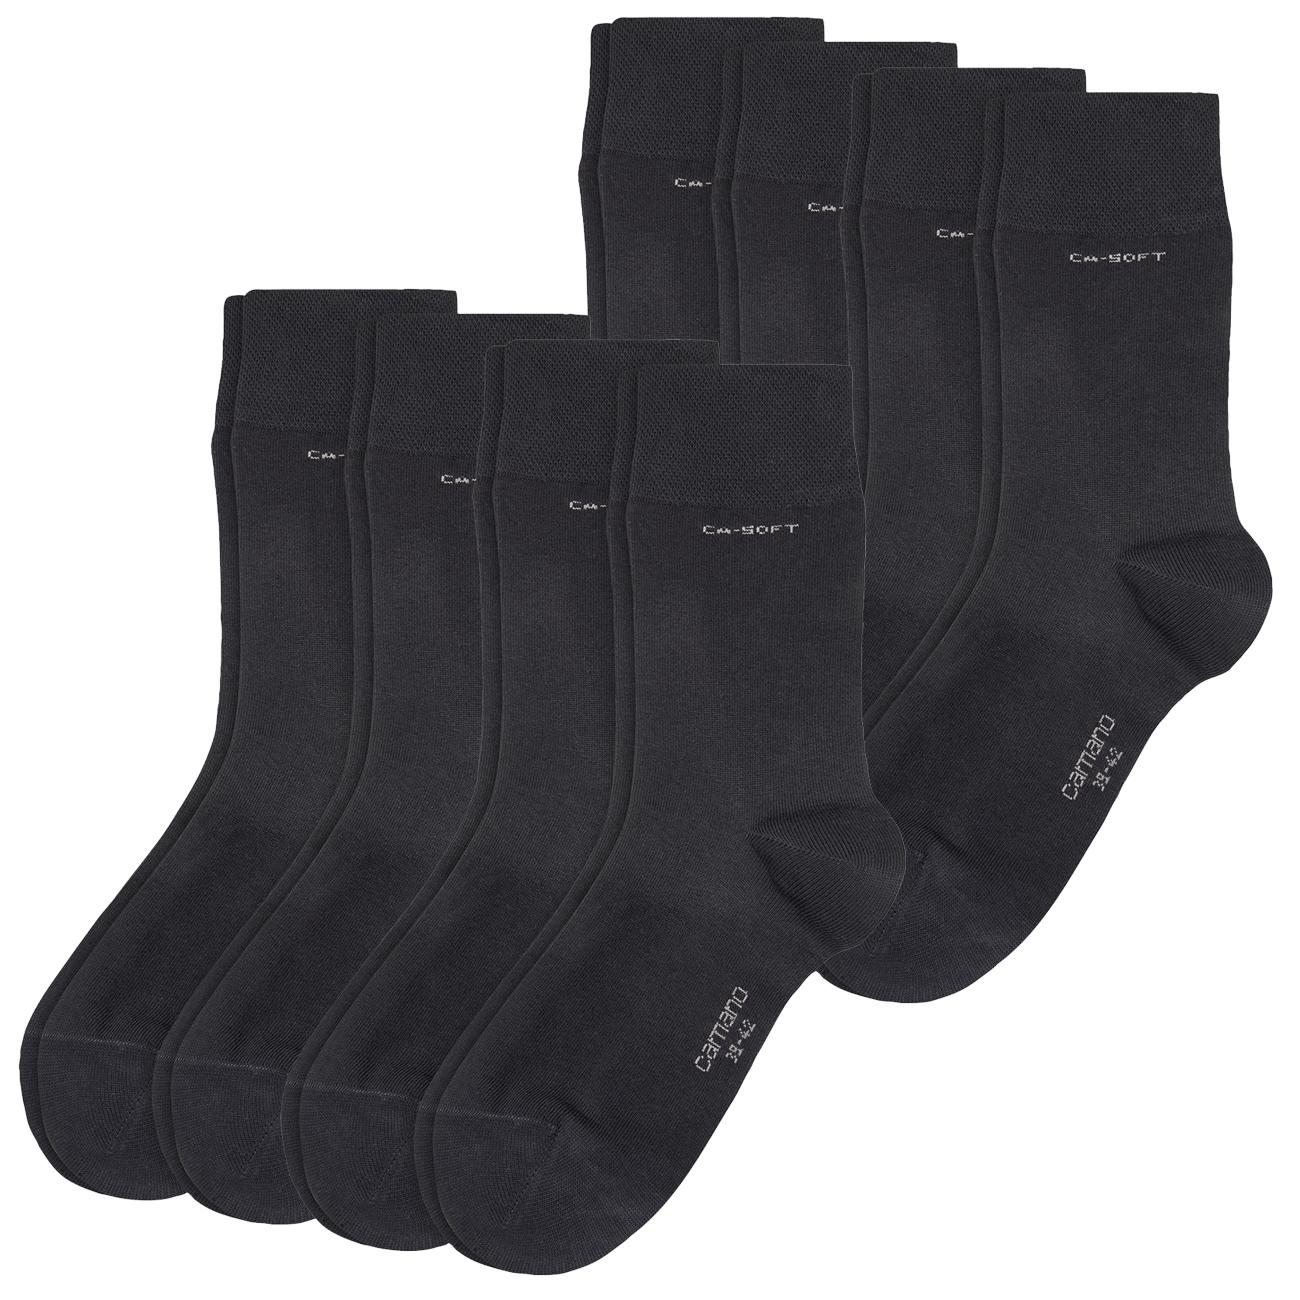 Camano Unisex CA-Soft Socken 8er Pack (Größen: 35-49, 2,37€ pro Paar), handgekettelt, verstärke Spitze / Ferse, 80% Baumwolle